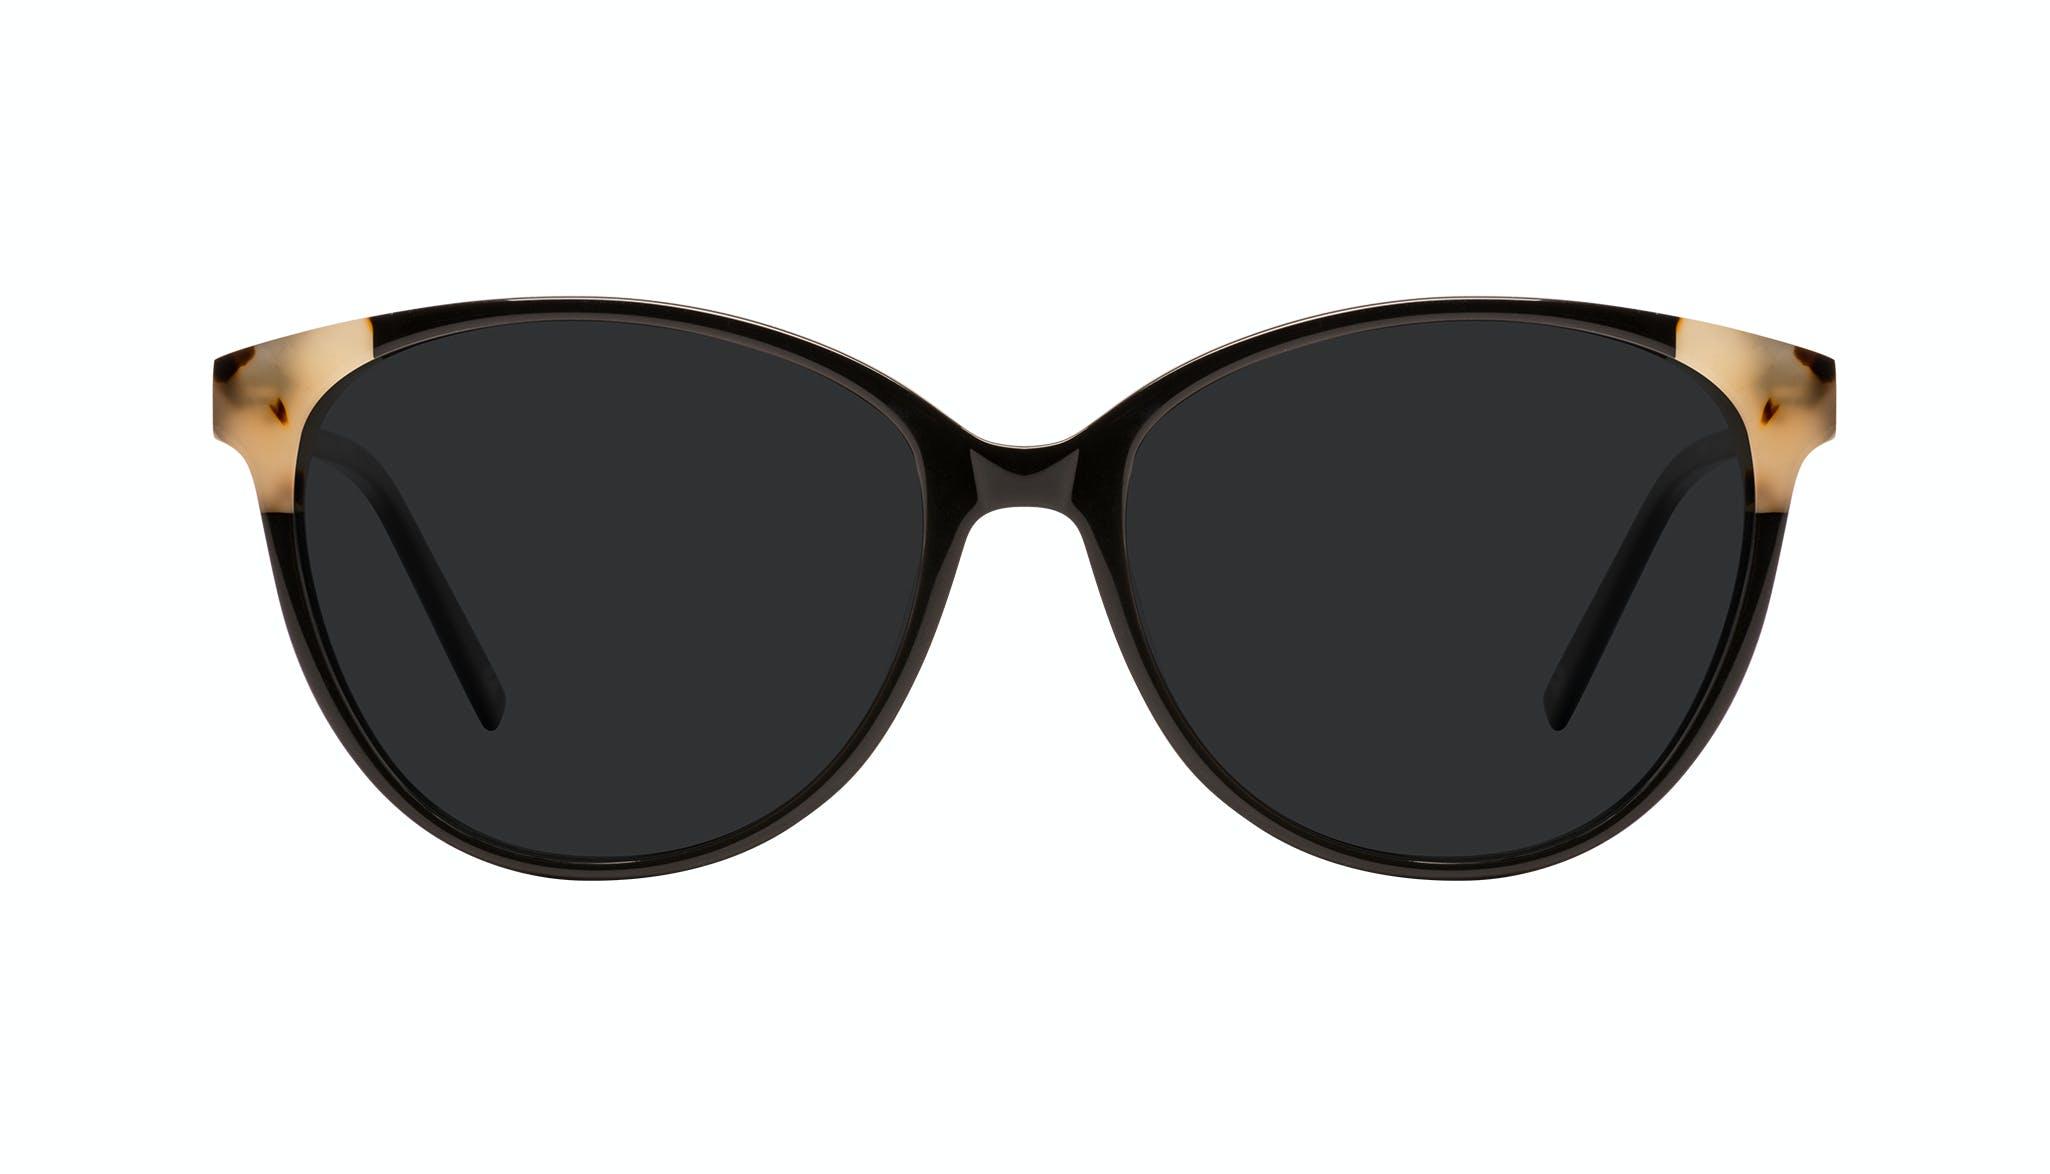 Lunettes tendance Oeil de chat Lunettes de soleil Femmes Imagine II Plus Ebony Granite